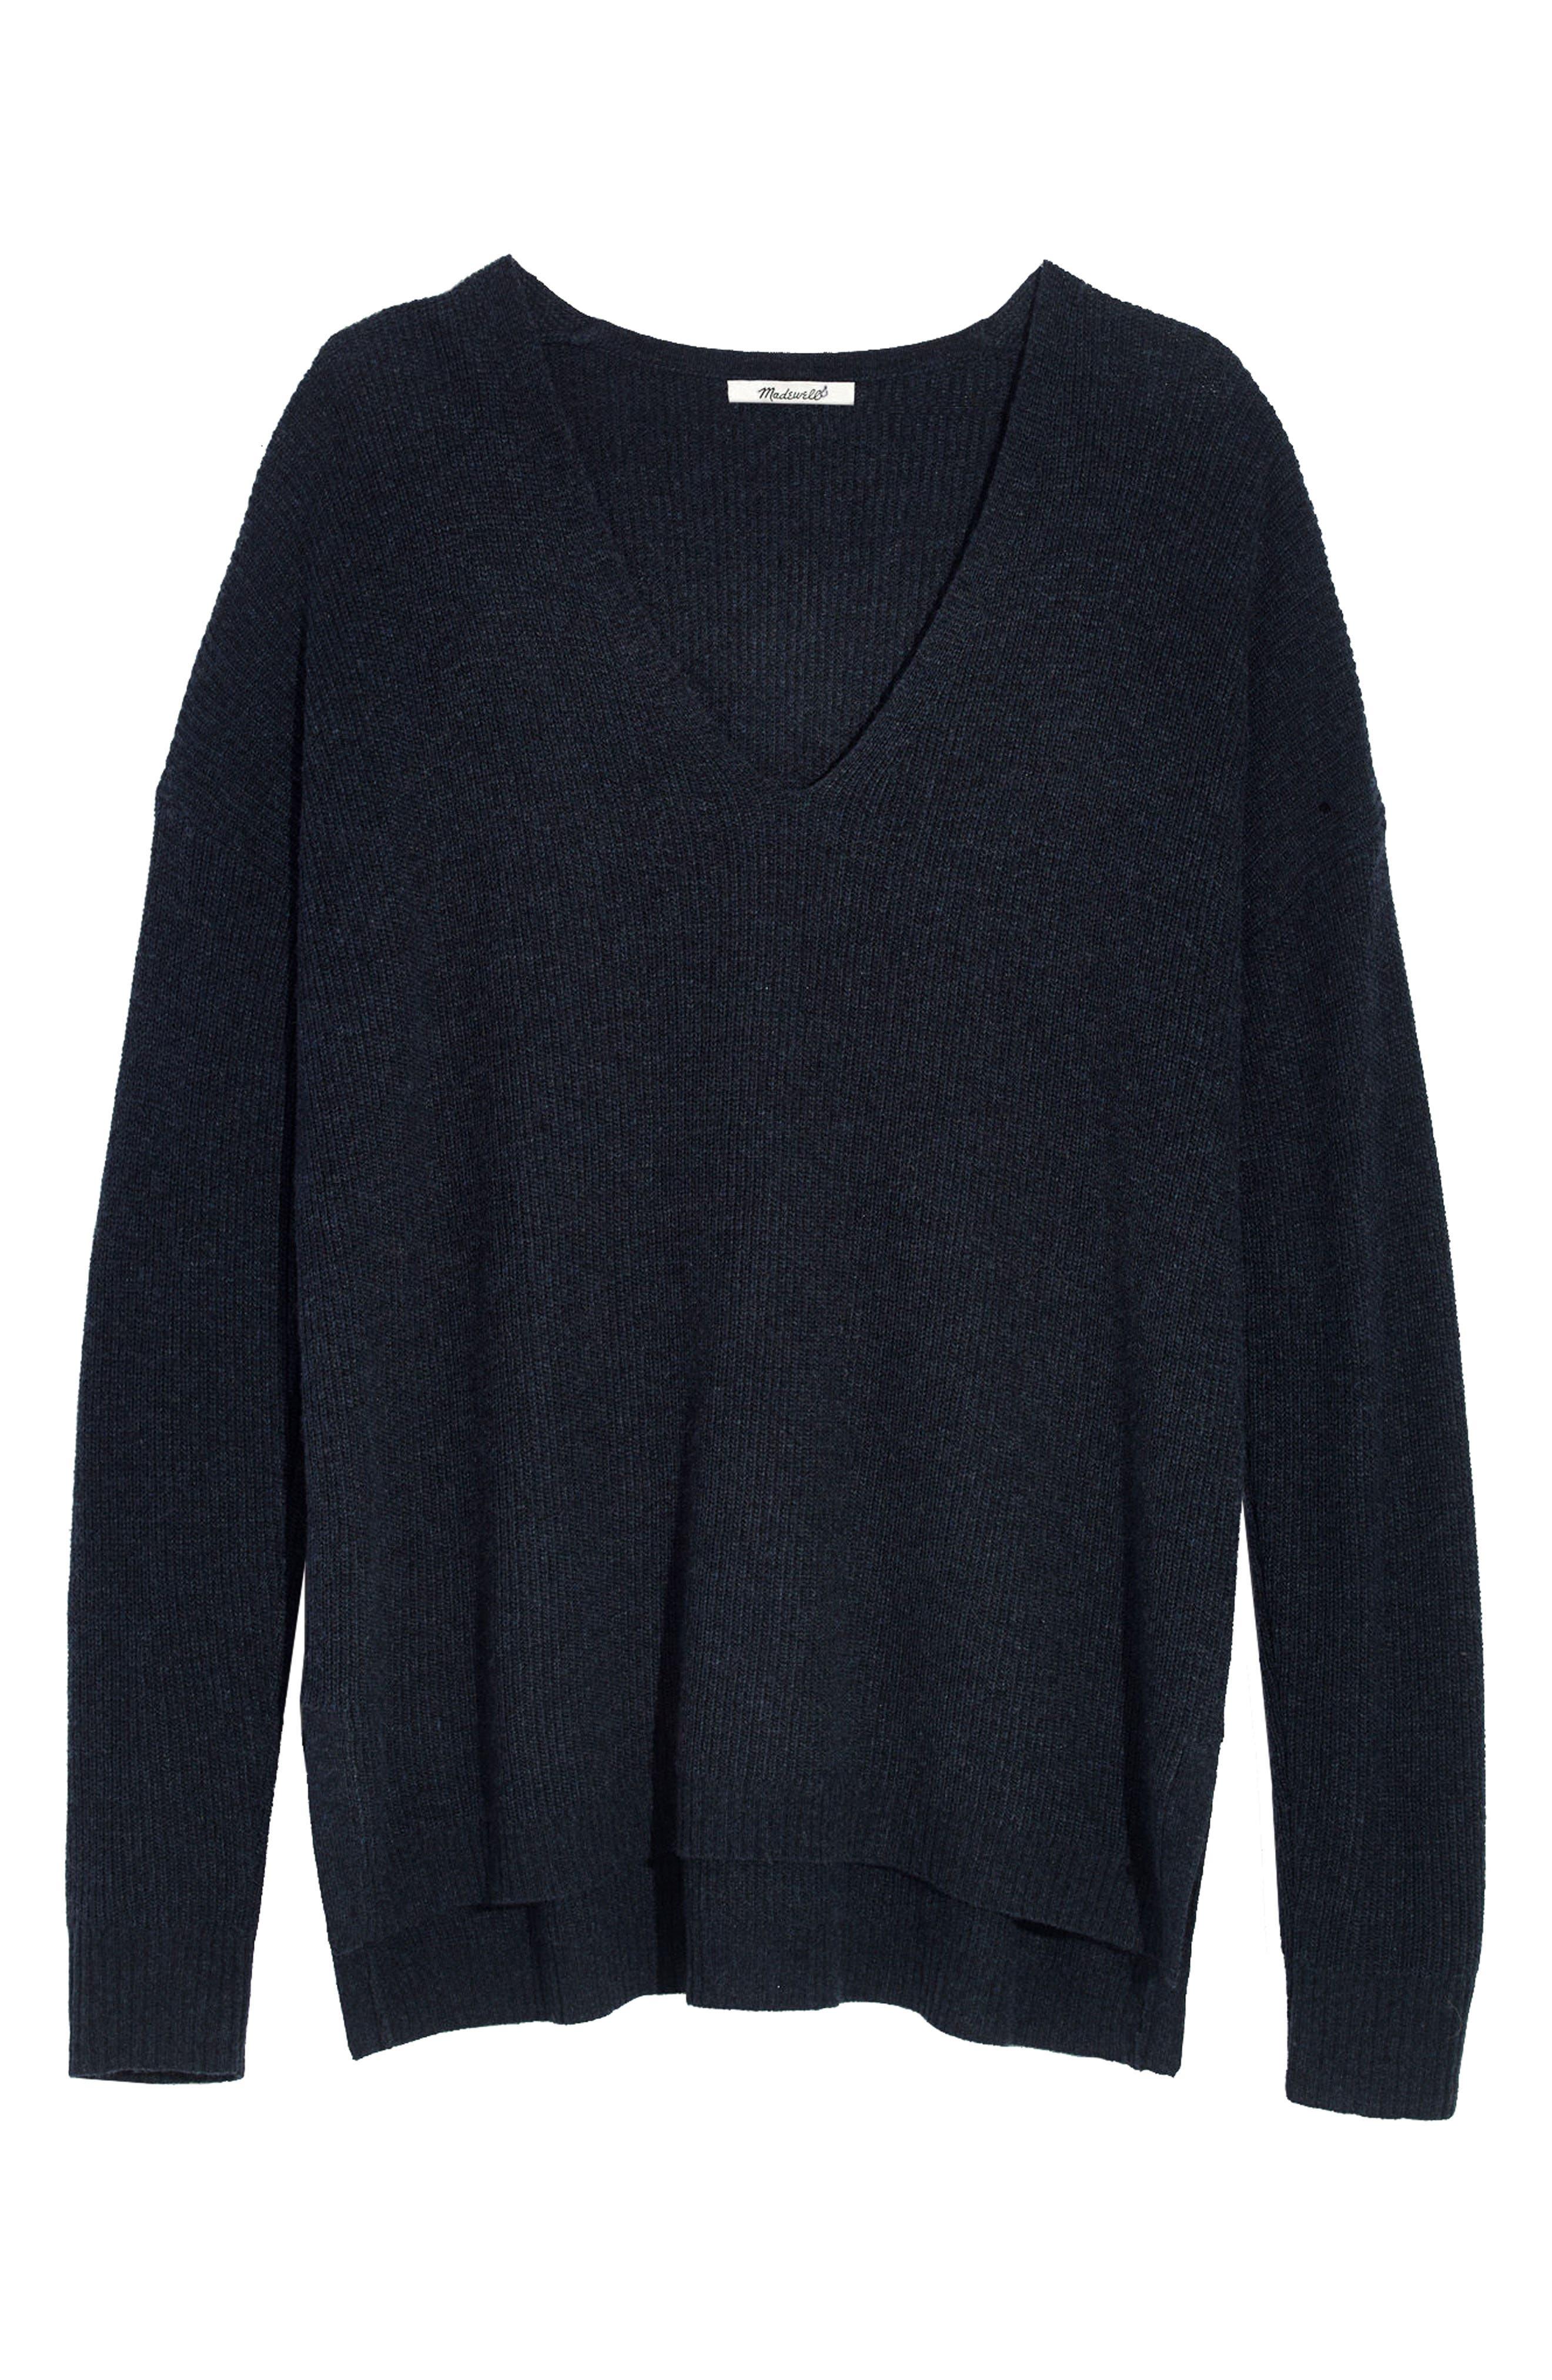 Warmlight V-Neck Sweater,                             Main thumbnail 1, color,                             Heather Navy